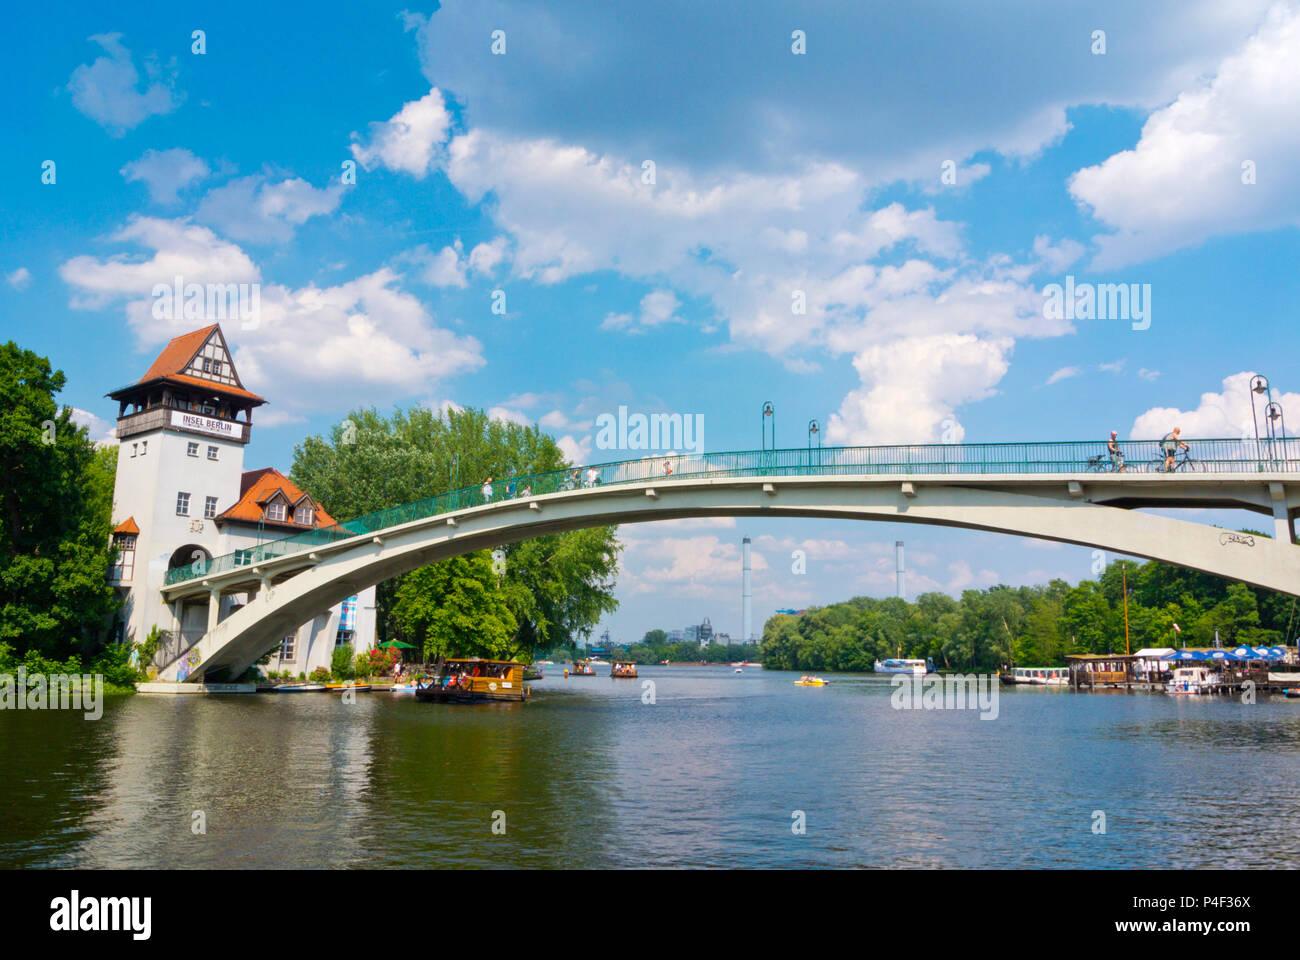 Brücke zur Insel der Jugend, Treptower Park, Alt-Treptow, Berlin, Deutschland Stockbild